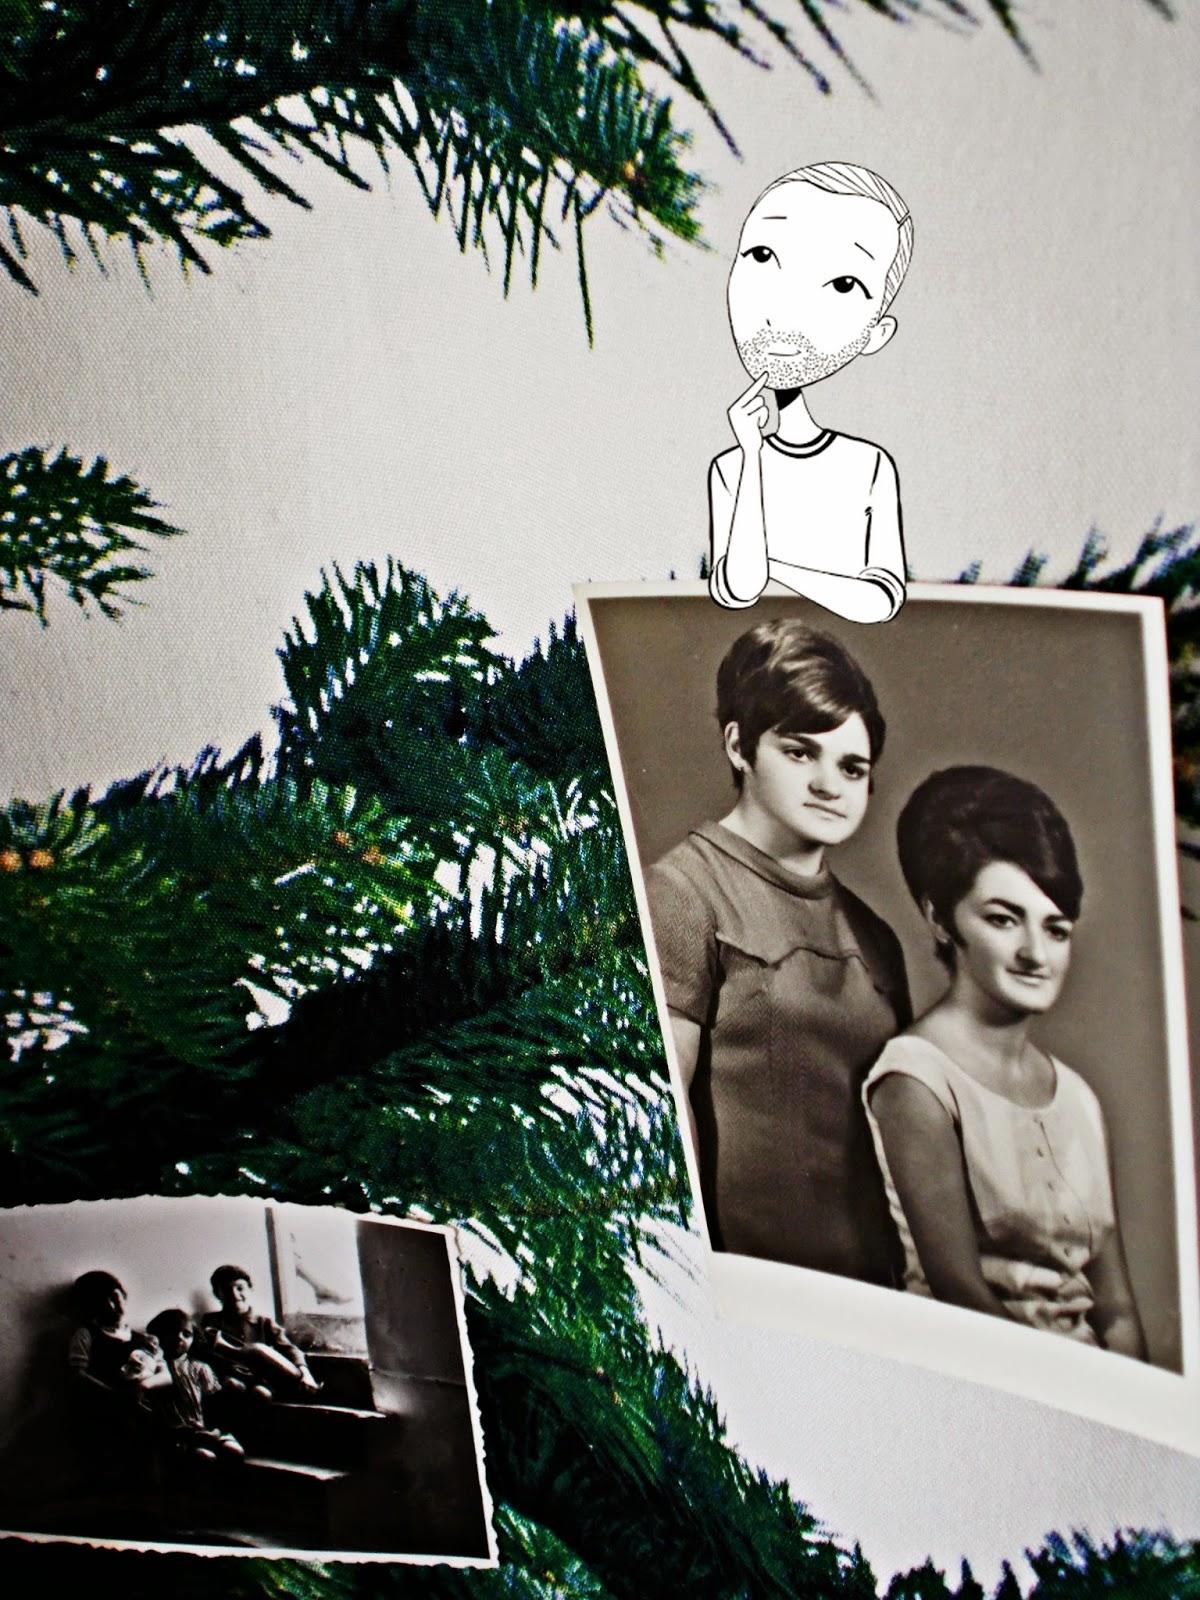 DIY-árbol navidad-textil-coser-costura-pasoapaso-recuerdos-vintage-fotografía-DIYviertete-blogersando-diciembre- (1)gif9